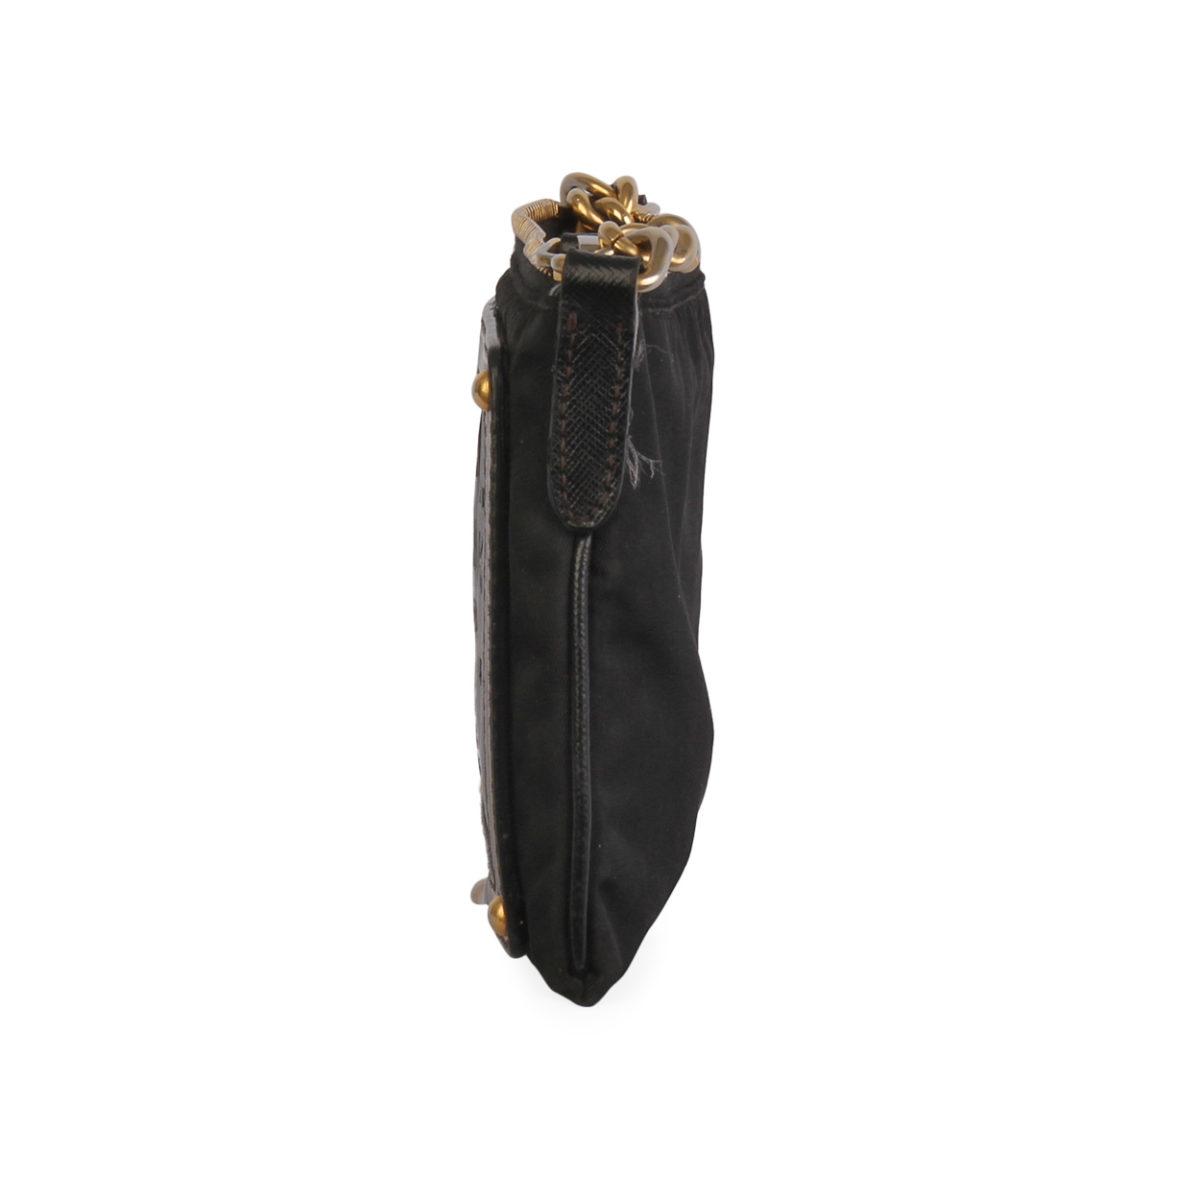 affde48d53 PRADA Saffiano Leather & Nylon Cross Body Bag Black